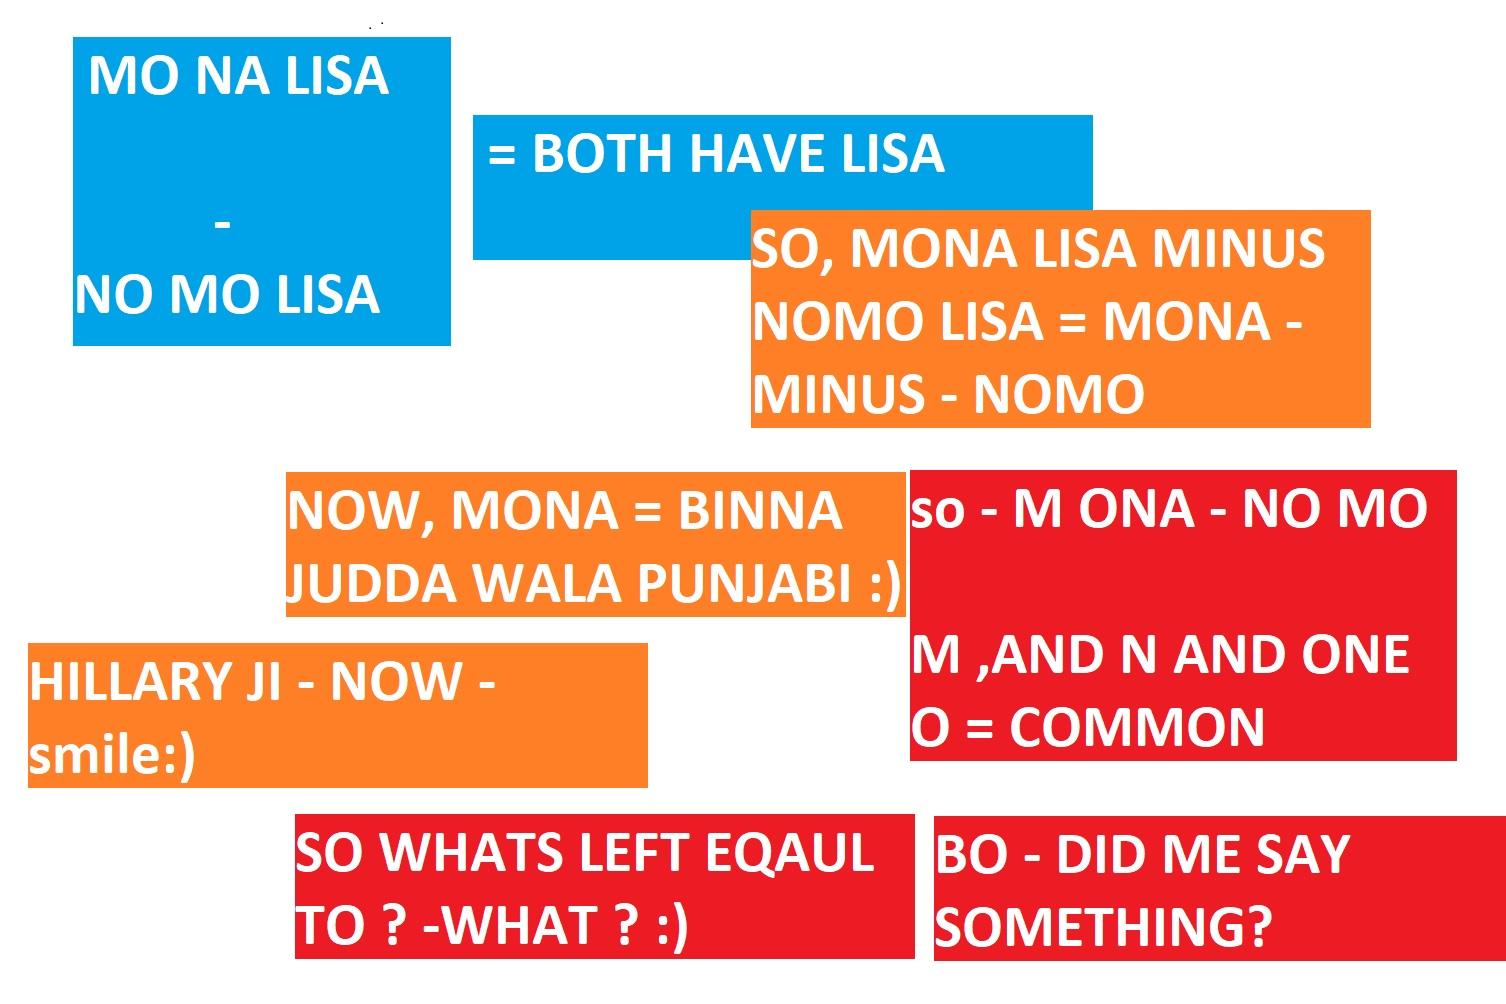 MONA LISA MINUS NOMOLISA =